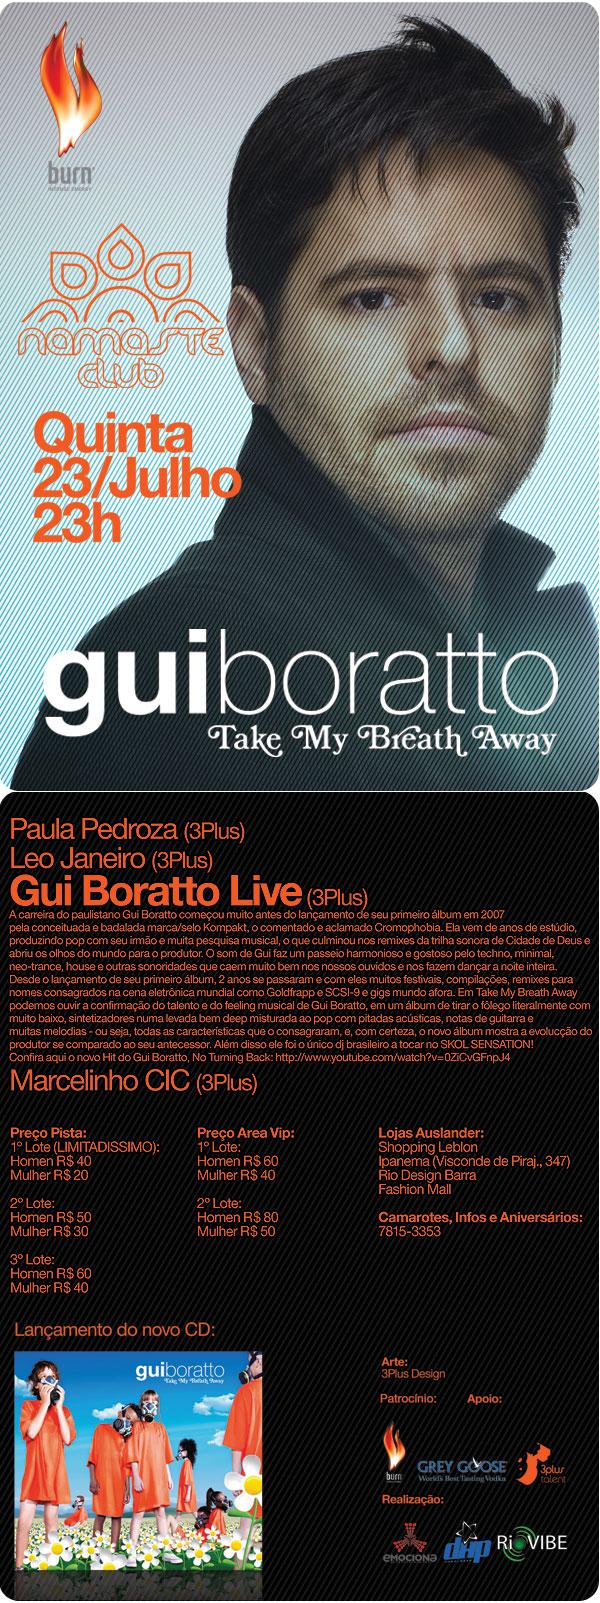 guiboratto